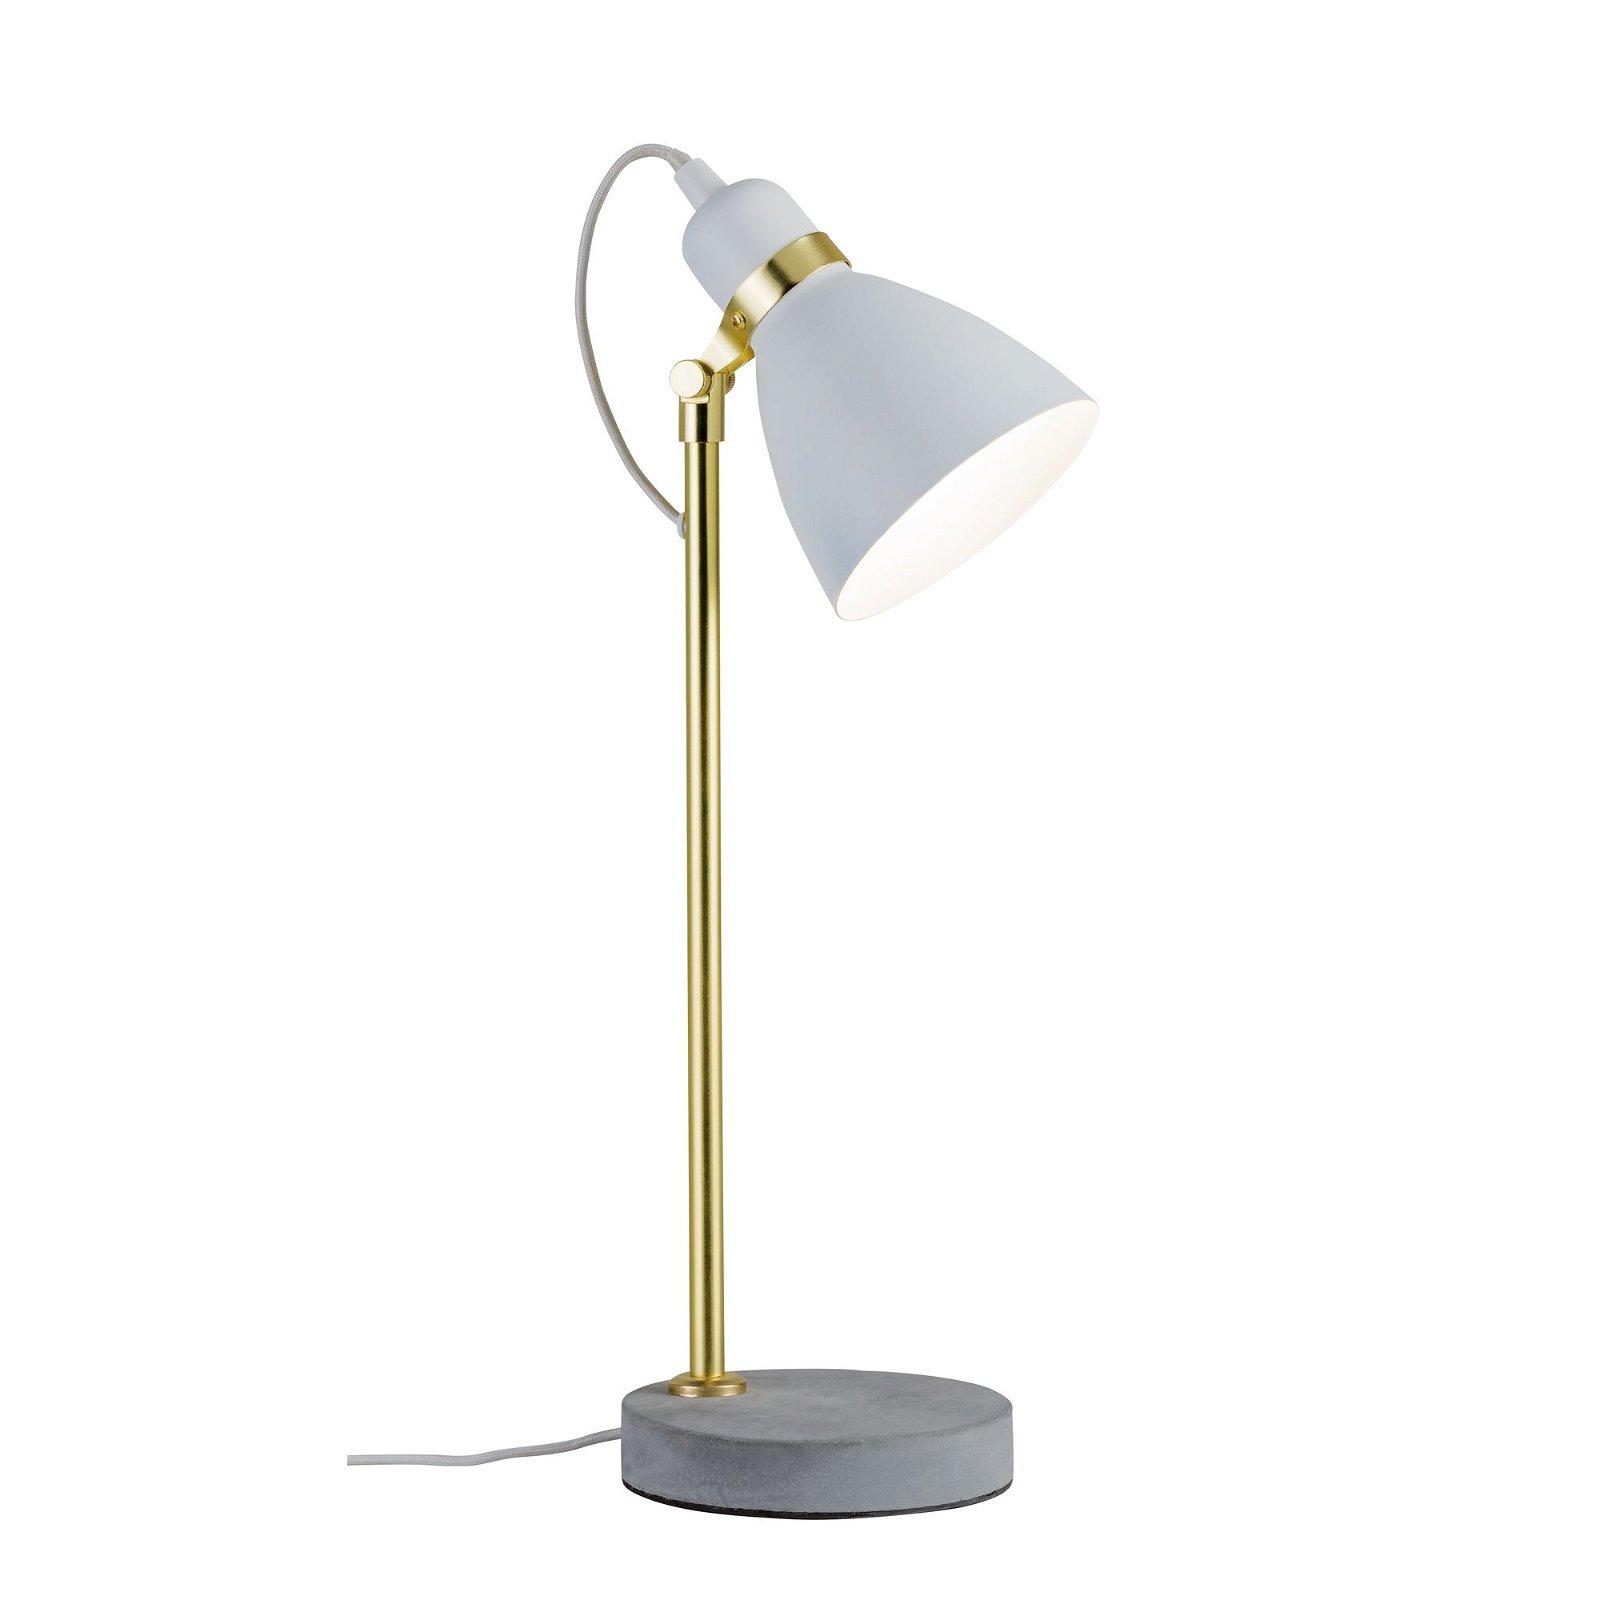 Neordic LED-tafellamp Orm E27 max. 20W Wit mat/Goud mat/Grijs Metaal/Beton